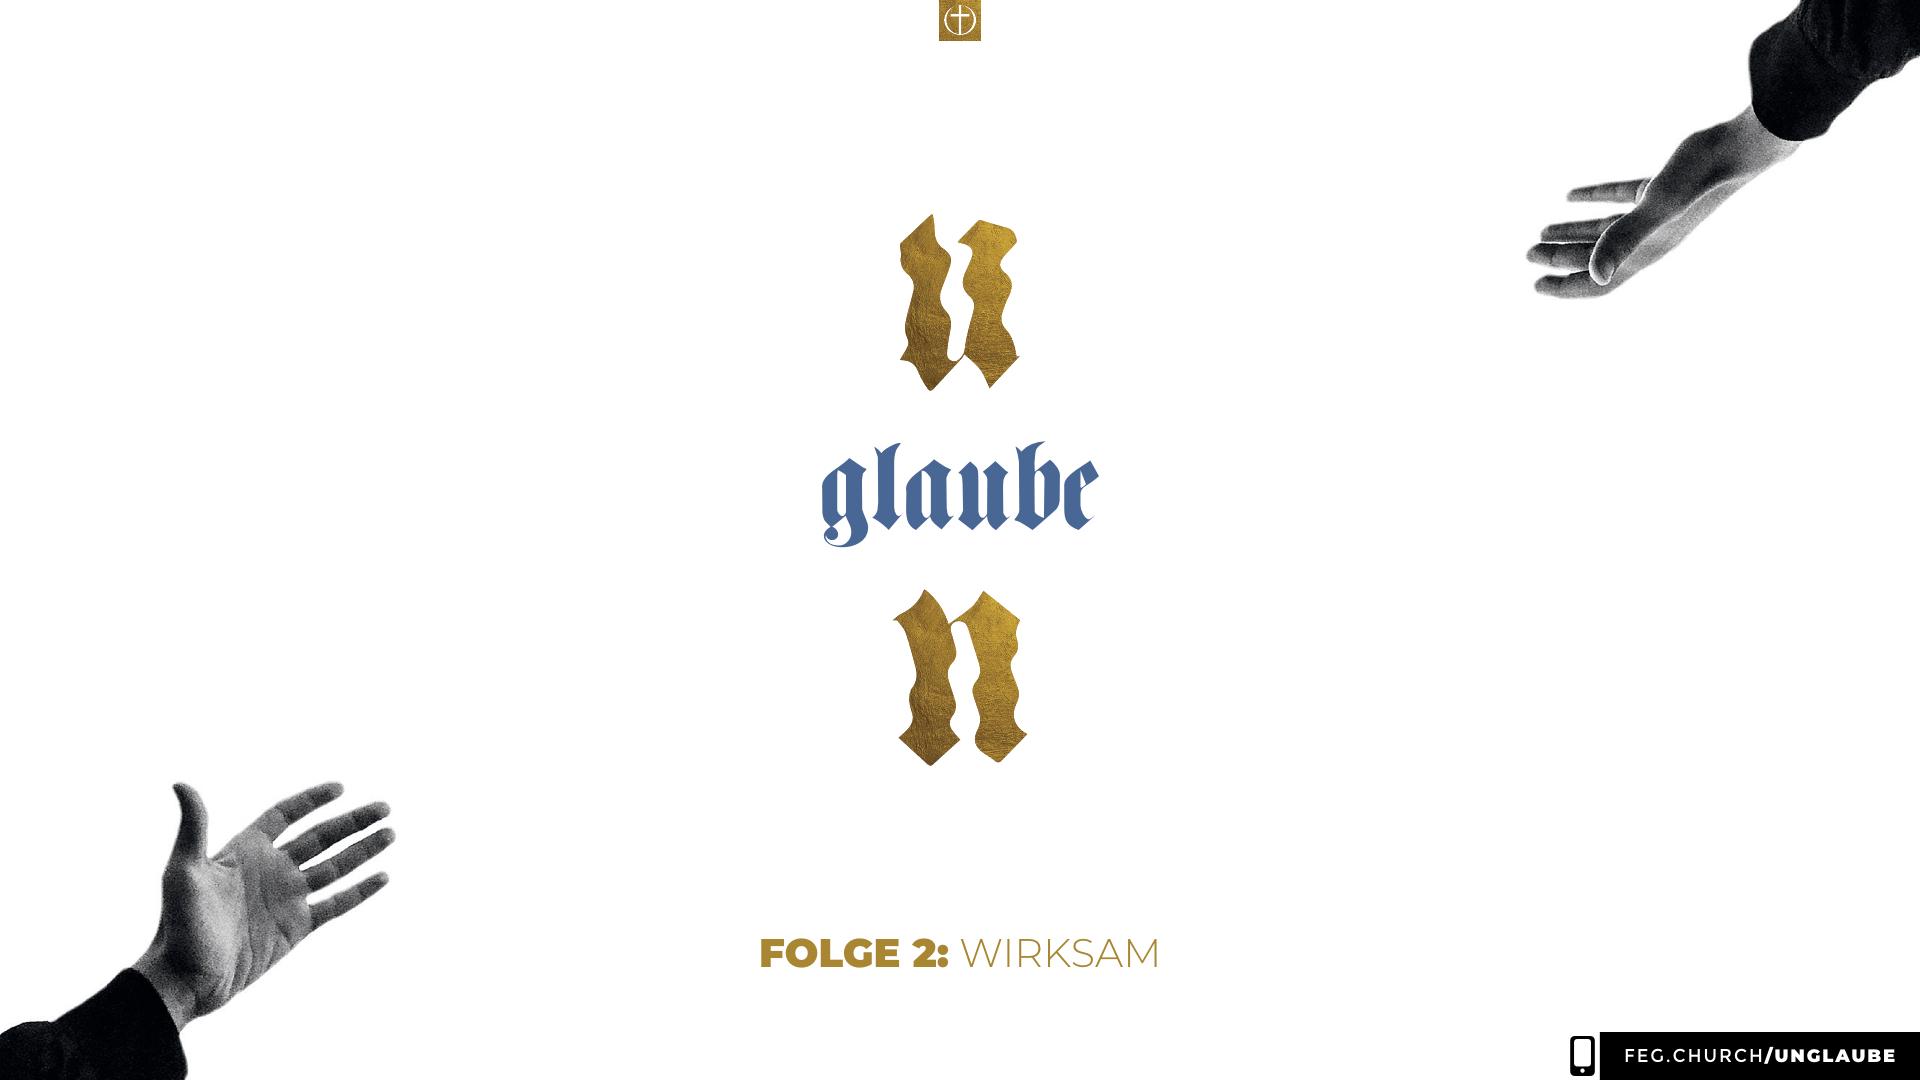 UN/GLAUBE – Folge 2: wirksam